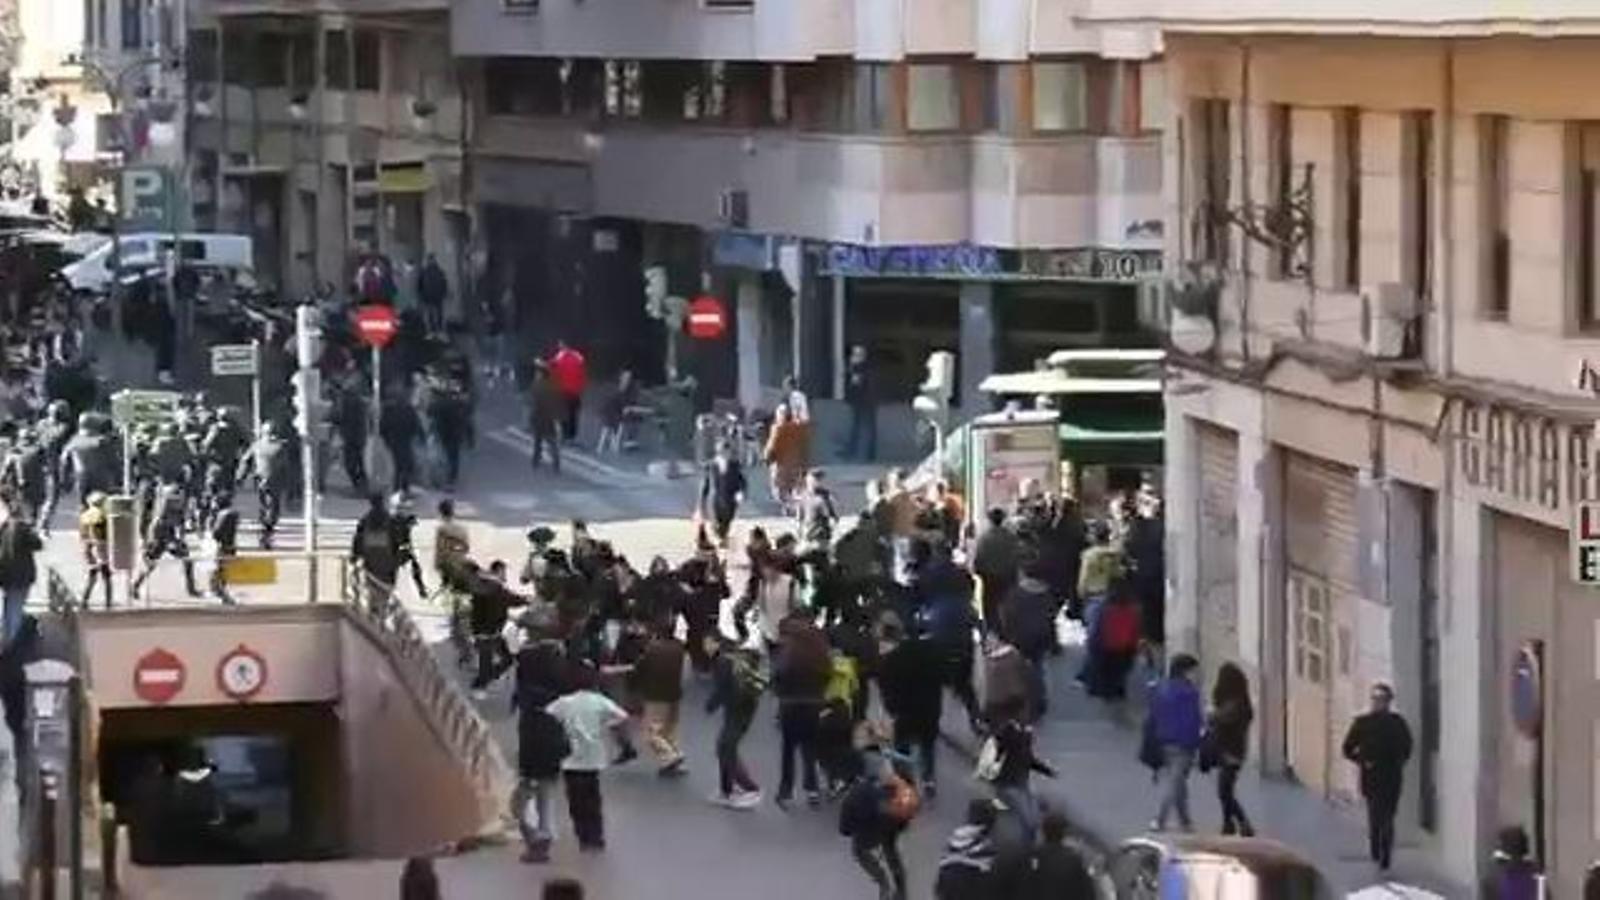 Només són nens!: La policia carrega contra els estudiants a València